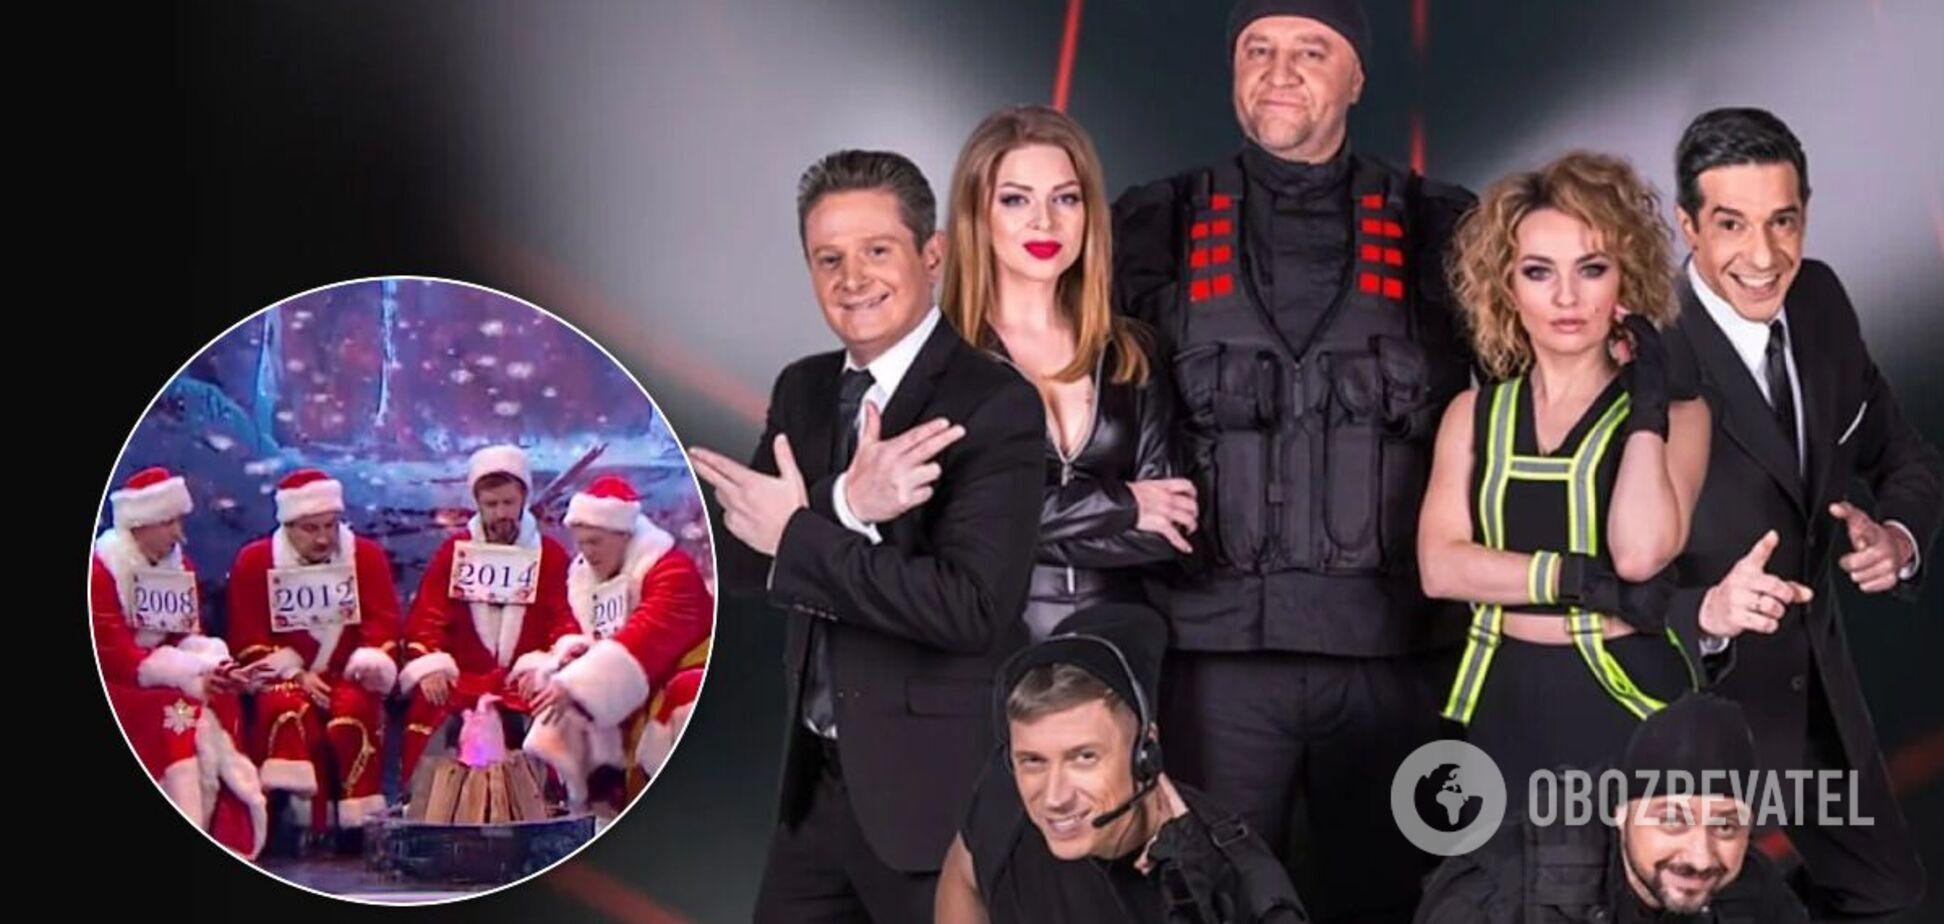 Новогодний номер 'Дизель шоу' обвинили в плагиате. Видео